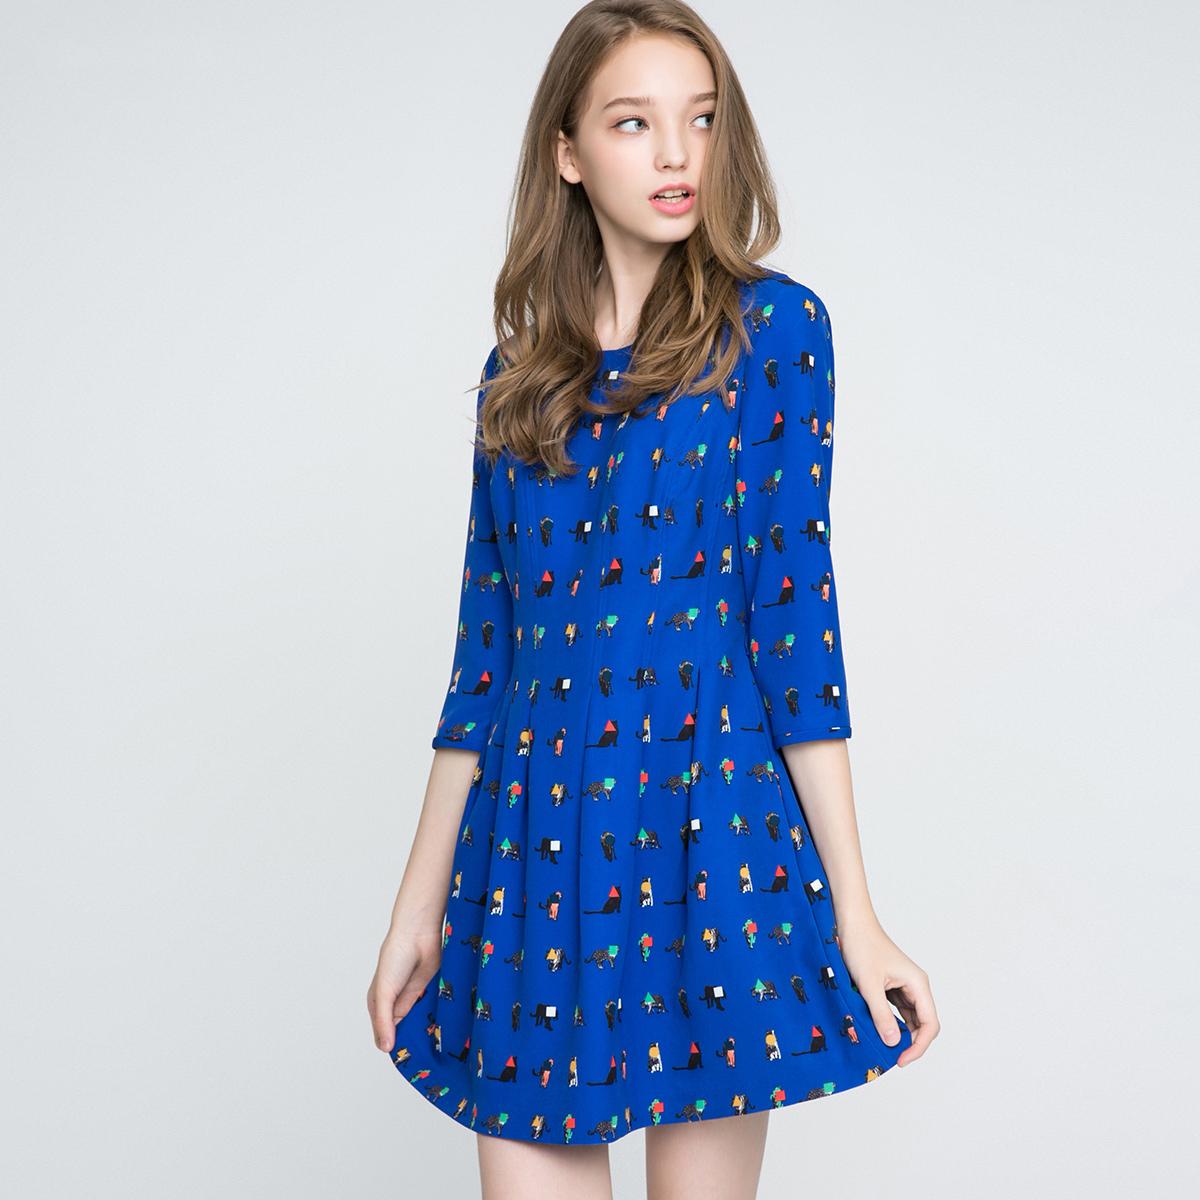 新款七分袖连衣裙 ONLY新款创意撞色图案多色收腰七分袖连衣裙女-116307555_推荐淘宝好看的新款七分袖连衣裙